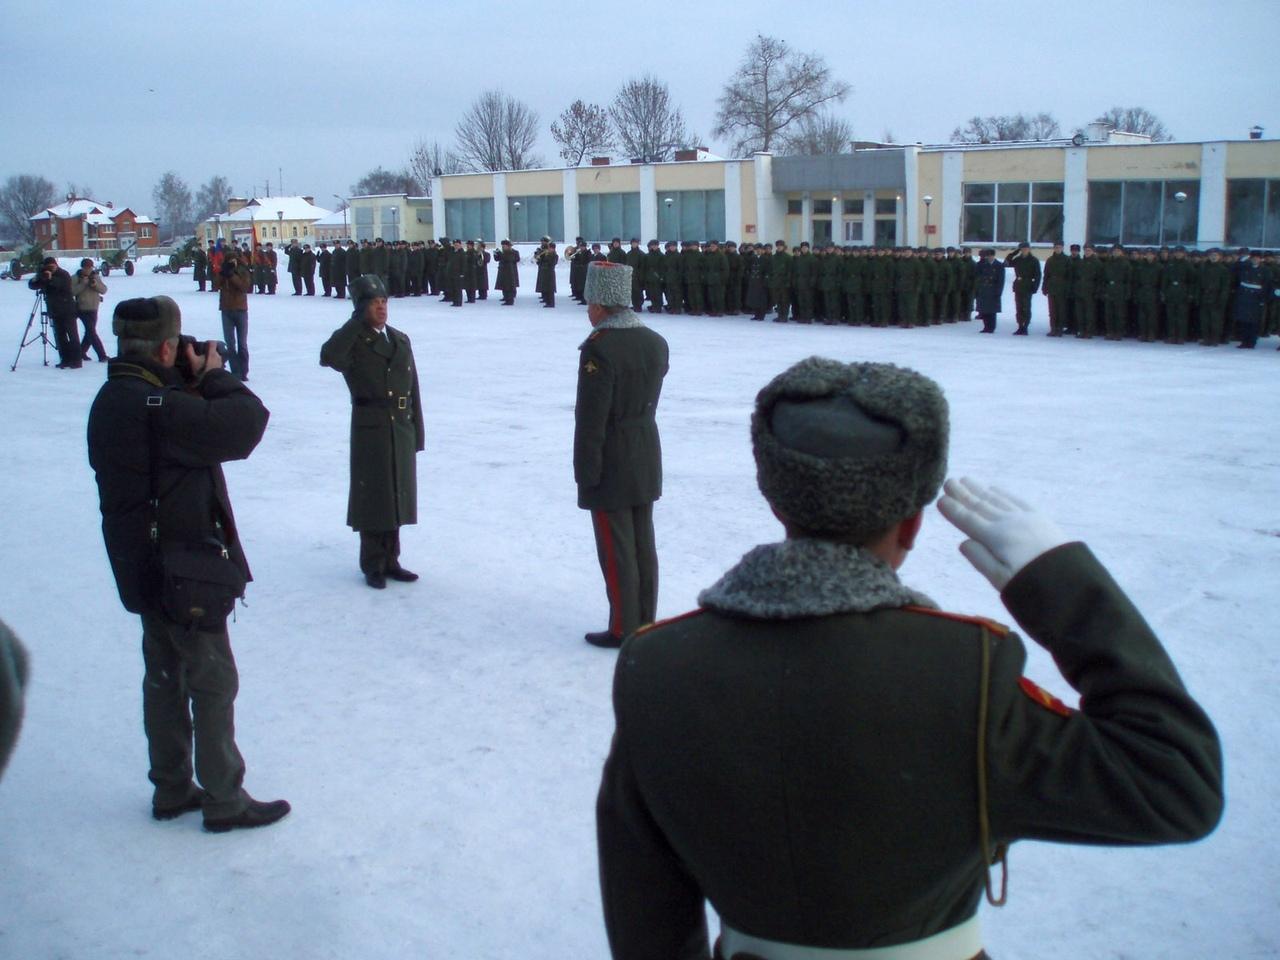 Фото: Коломенское артучилище коломенский форум